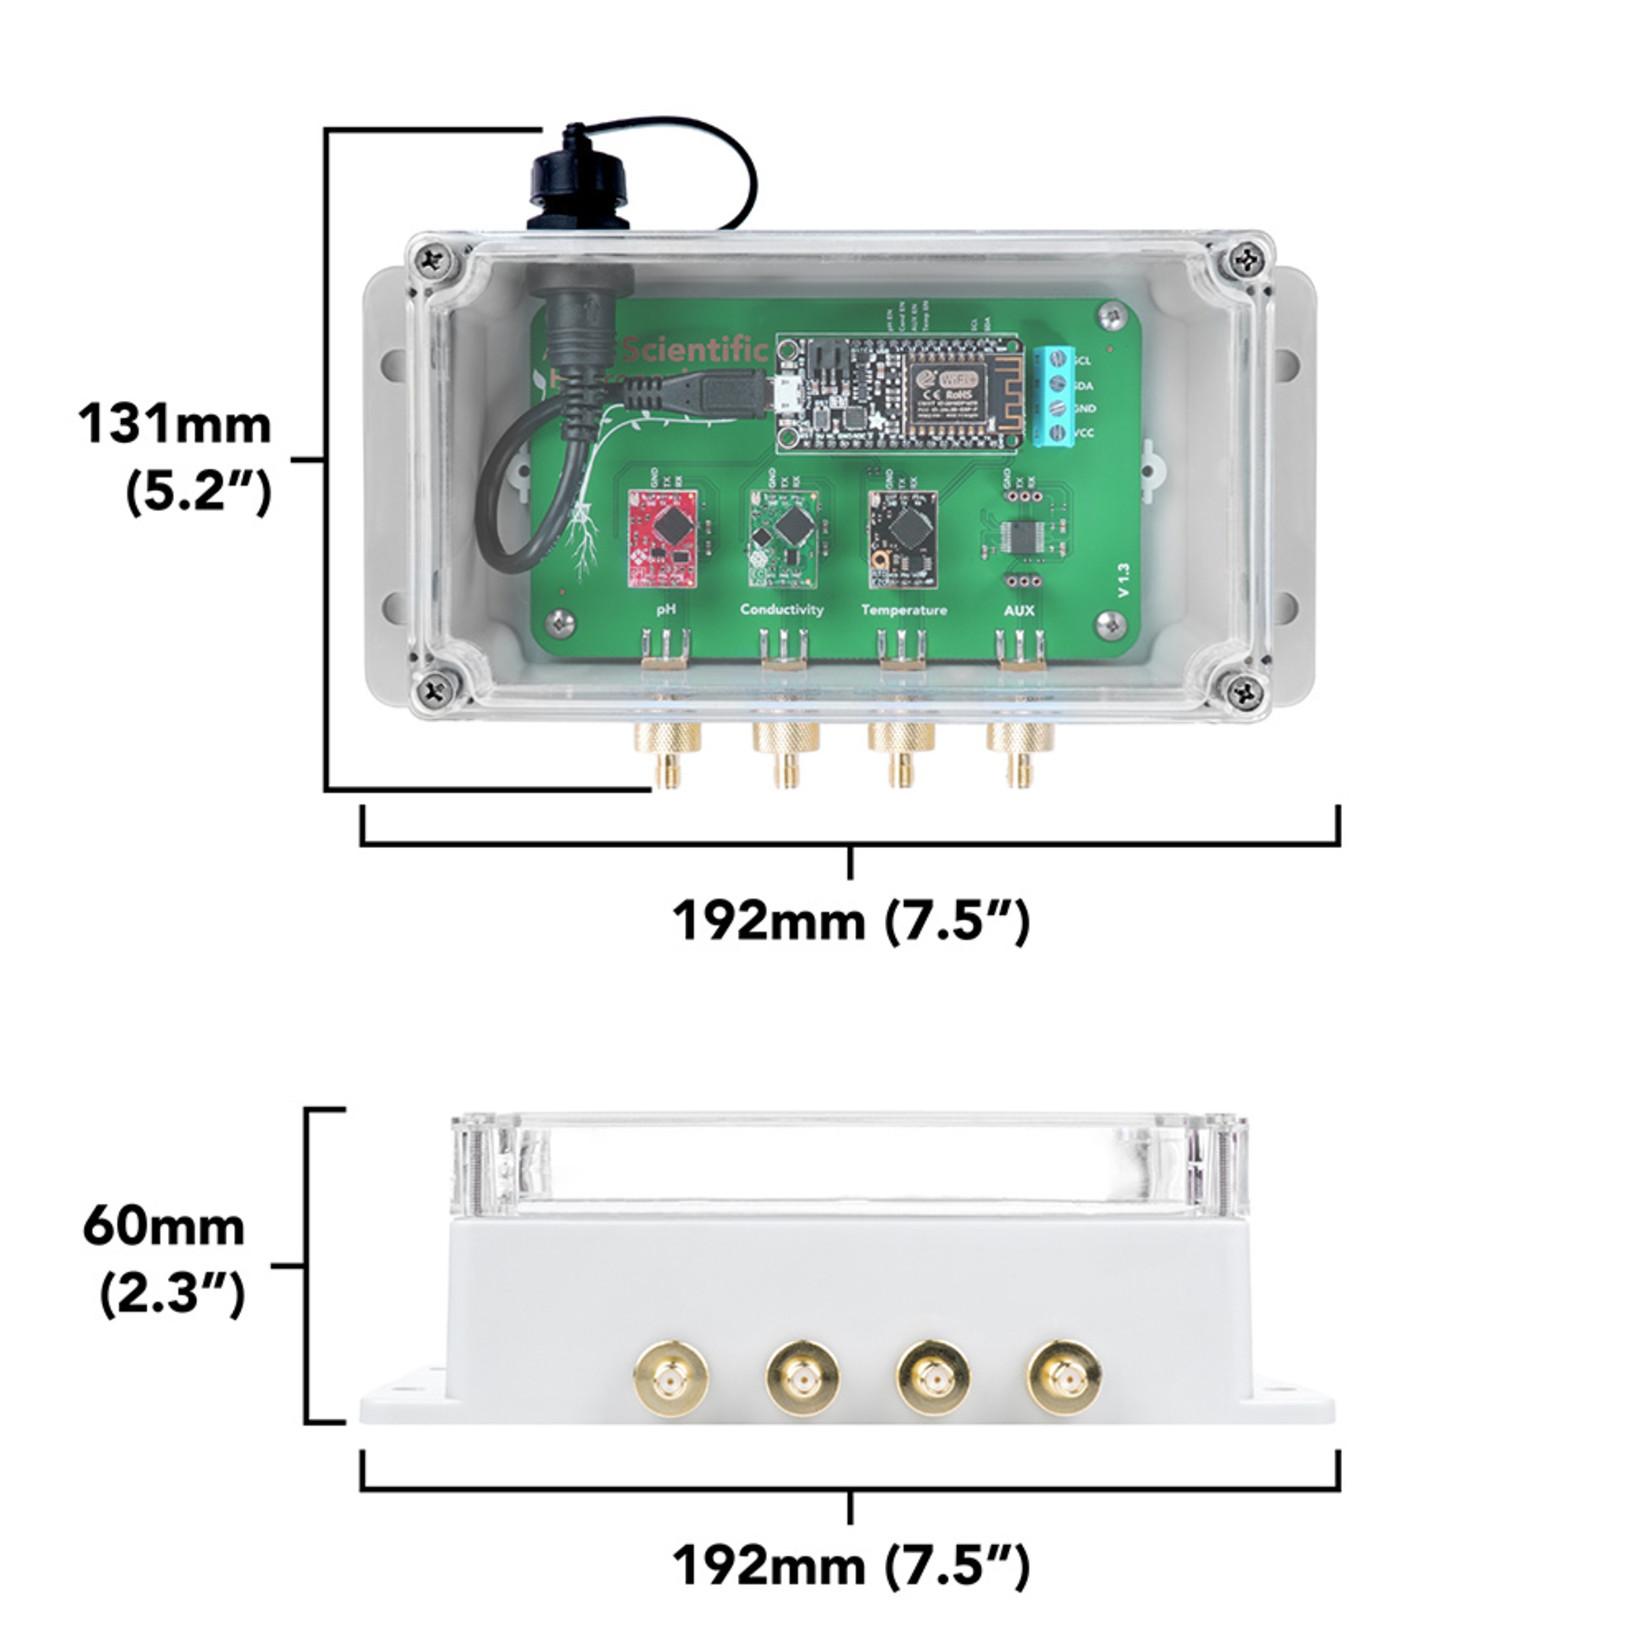 Atlas Scientific Wi-Fi Hydrophonics Kit